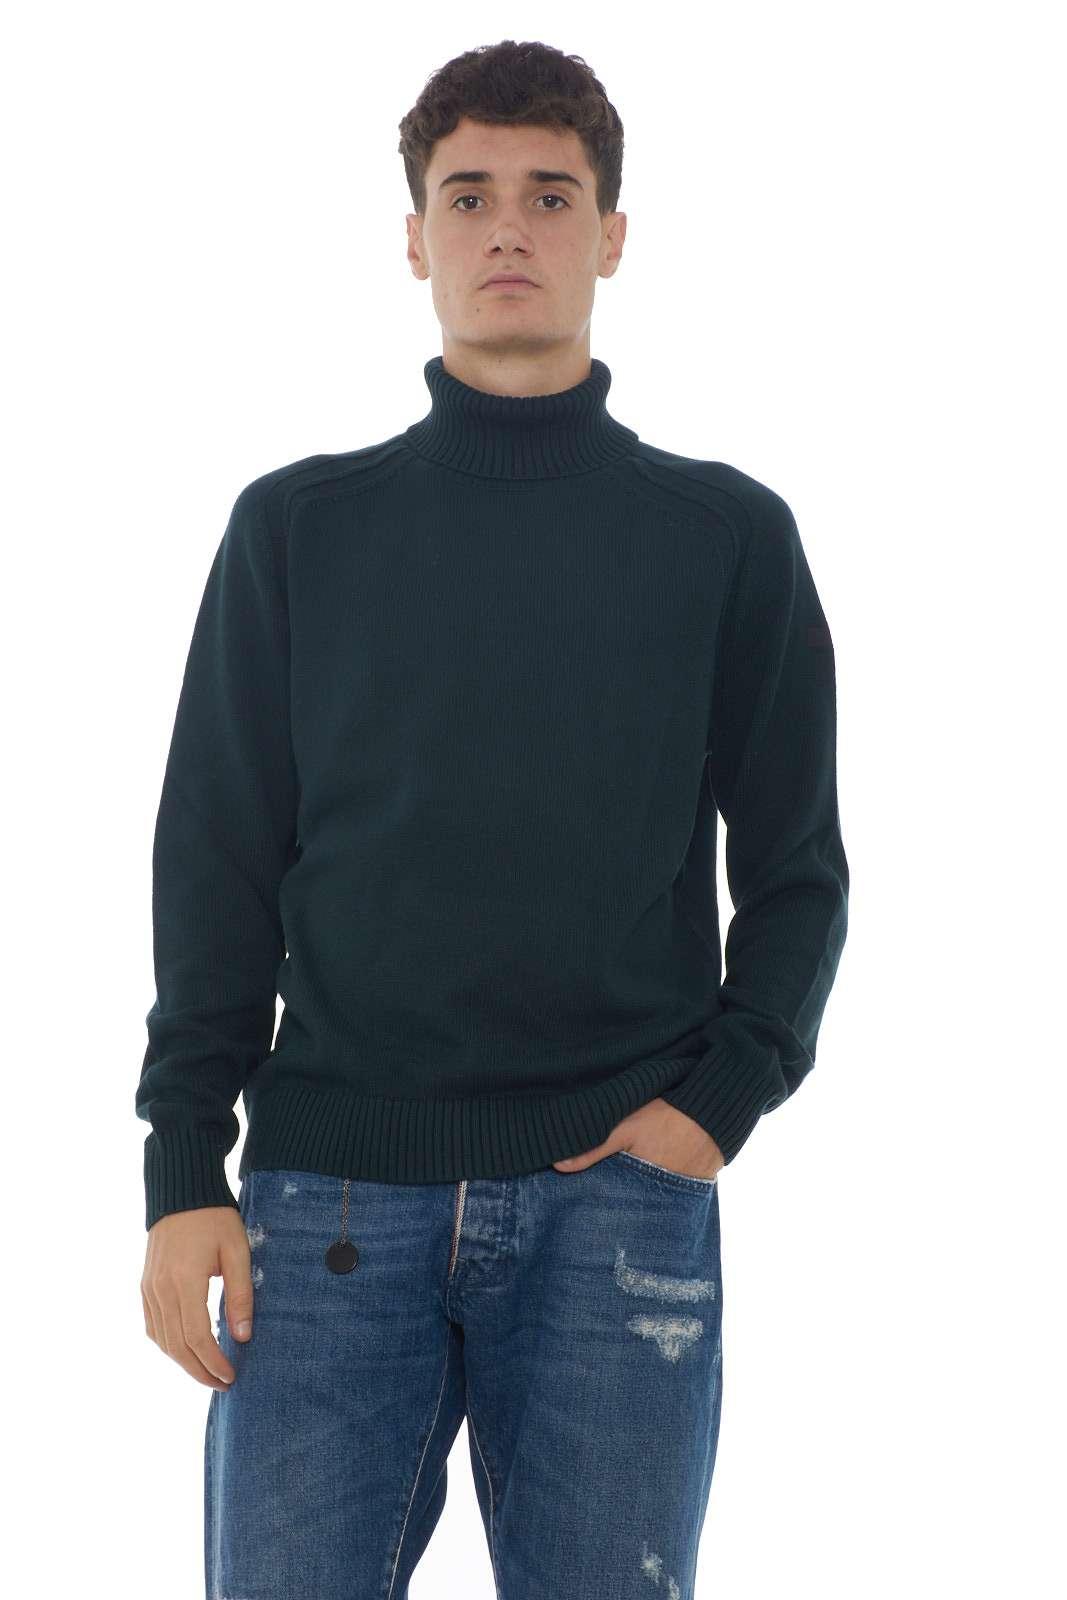 Una maglia in cotone ideata per la vita quotidiana la Turtleneck firmata RRD. la vestibilità regolare si sposa con il collo alto per un effetto fashion dalla linea pulita. Da indossare con jeans o pantaloni è un must have.  Il modello è alto 1.90m e indossa la taglia M.